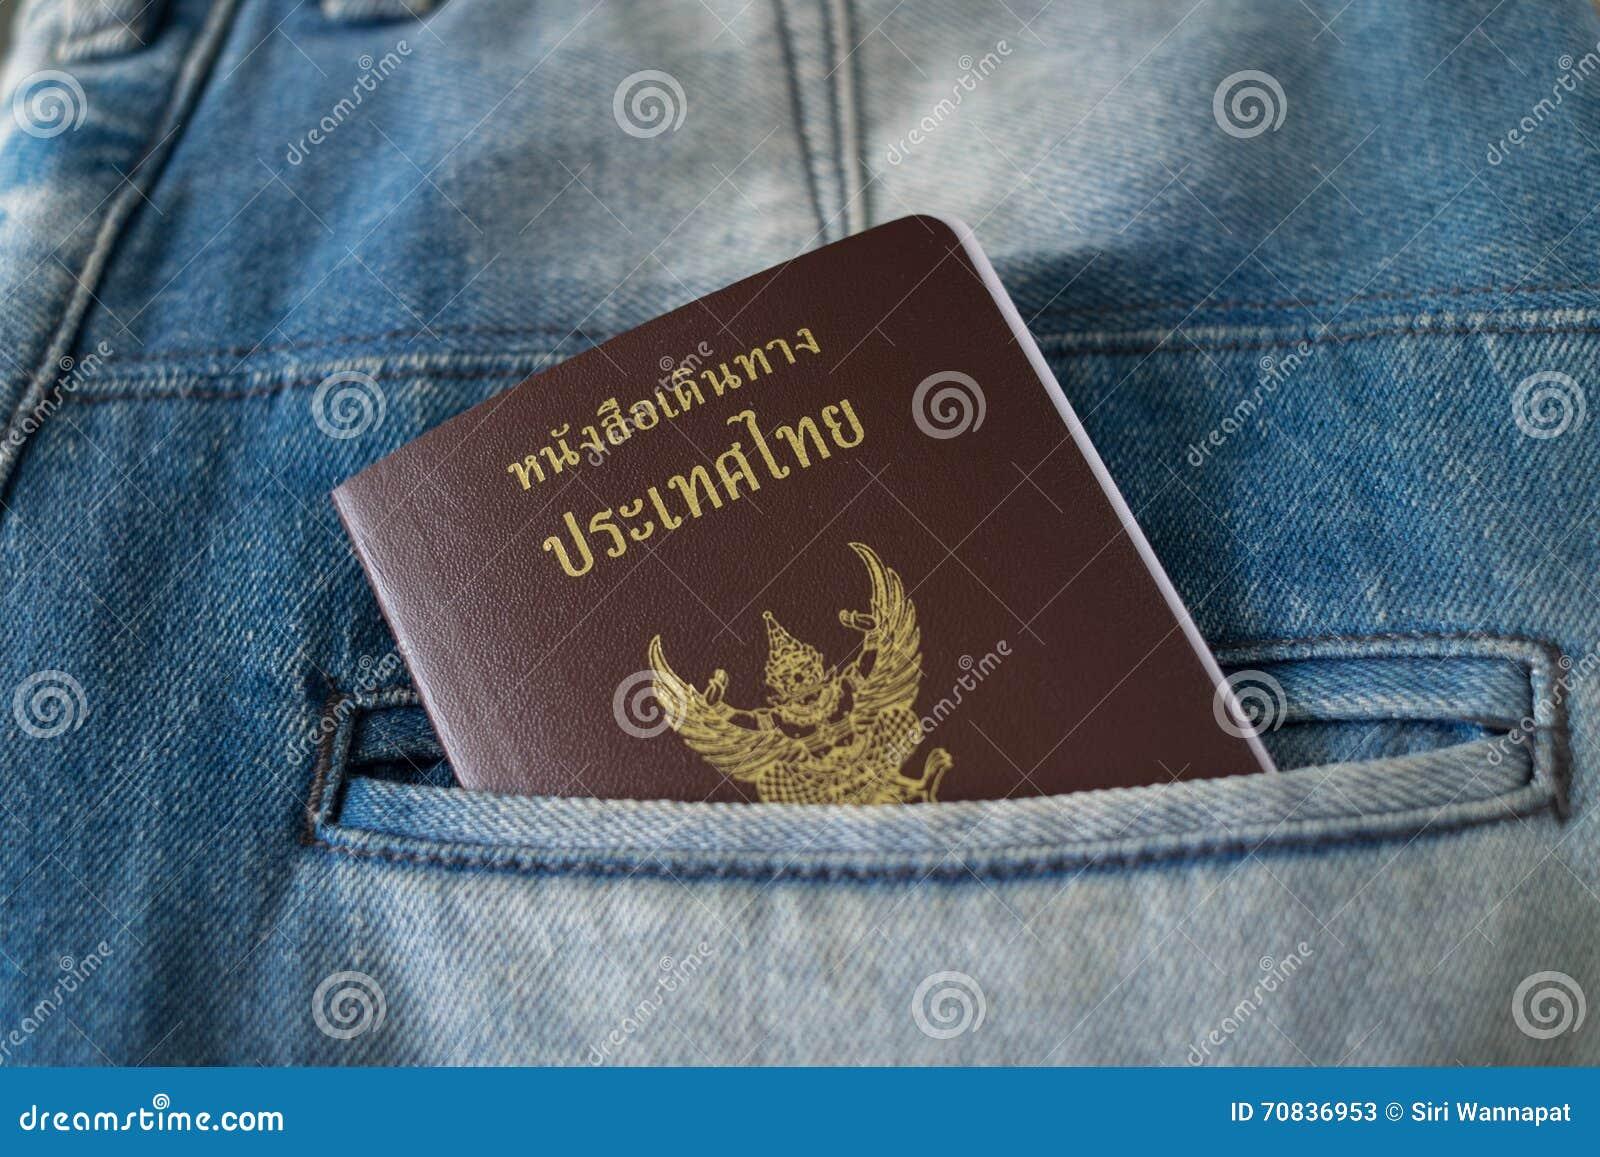 Blue Jeans Pocket Thailand passport